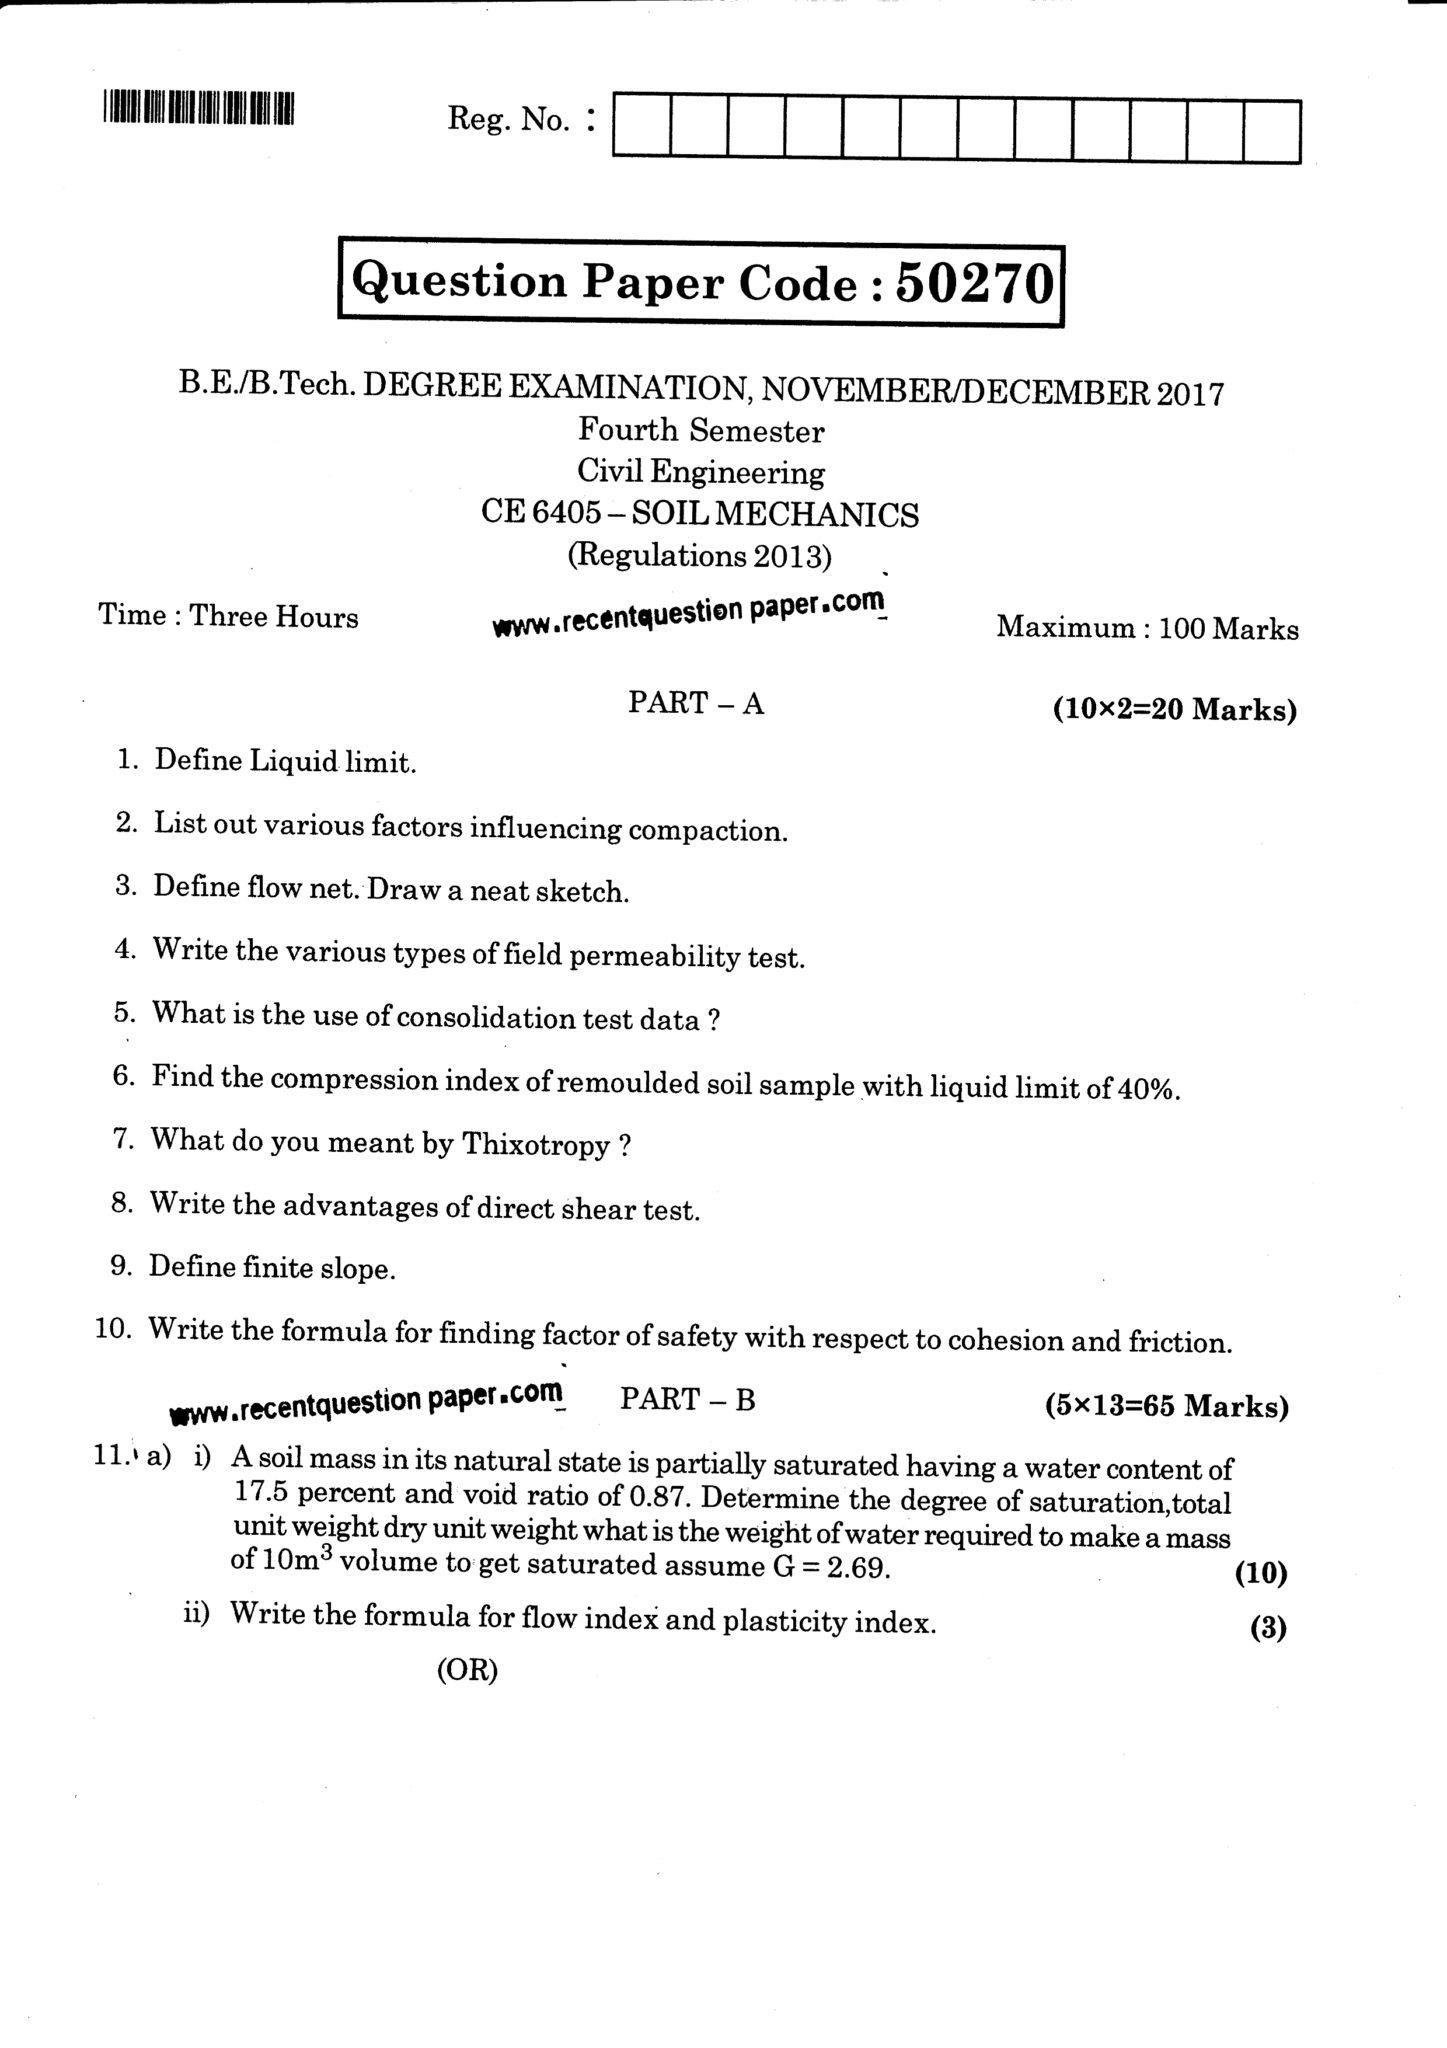 CE6405 Soil Mechanics Nov/Dec 2017 Anna University Question